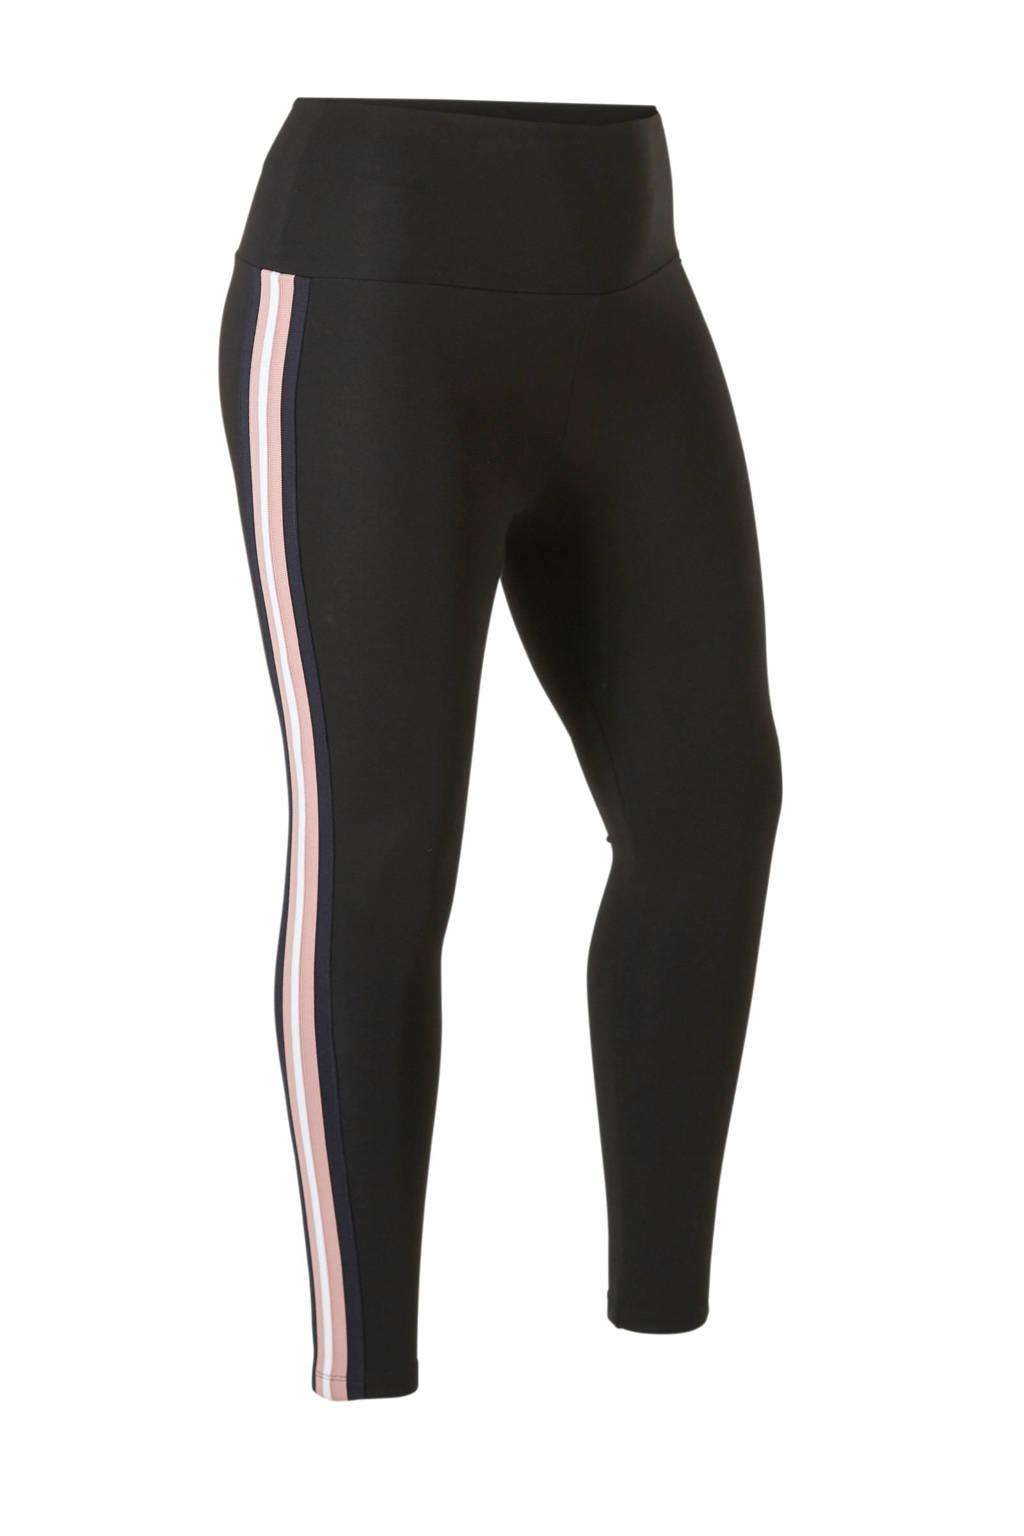 ONLY carmakoma broek met zijstreep, Zwart/roze/donkerblauw/wit